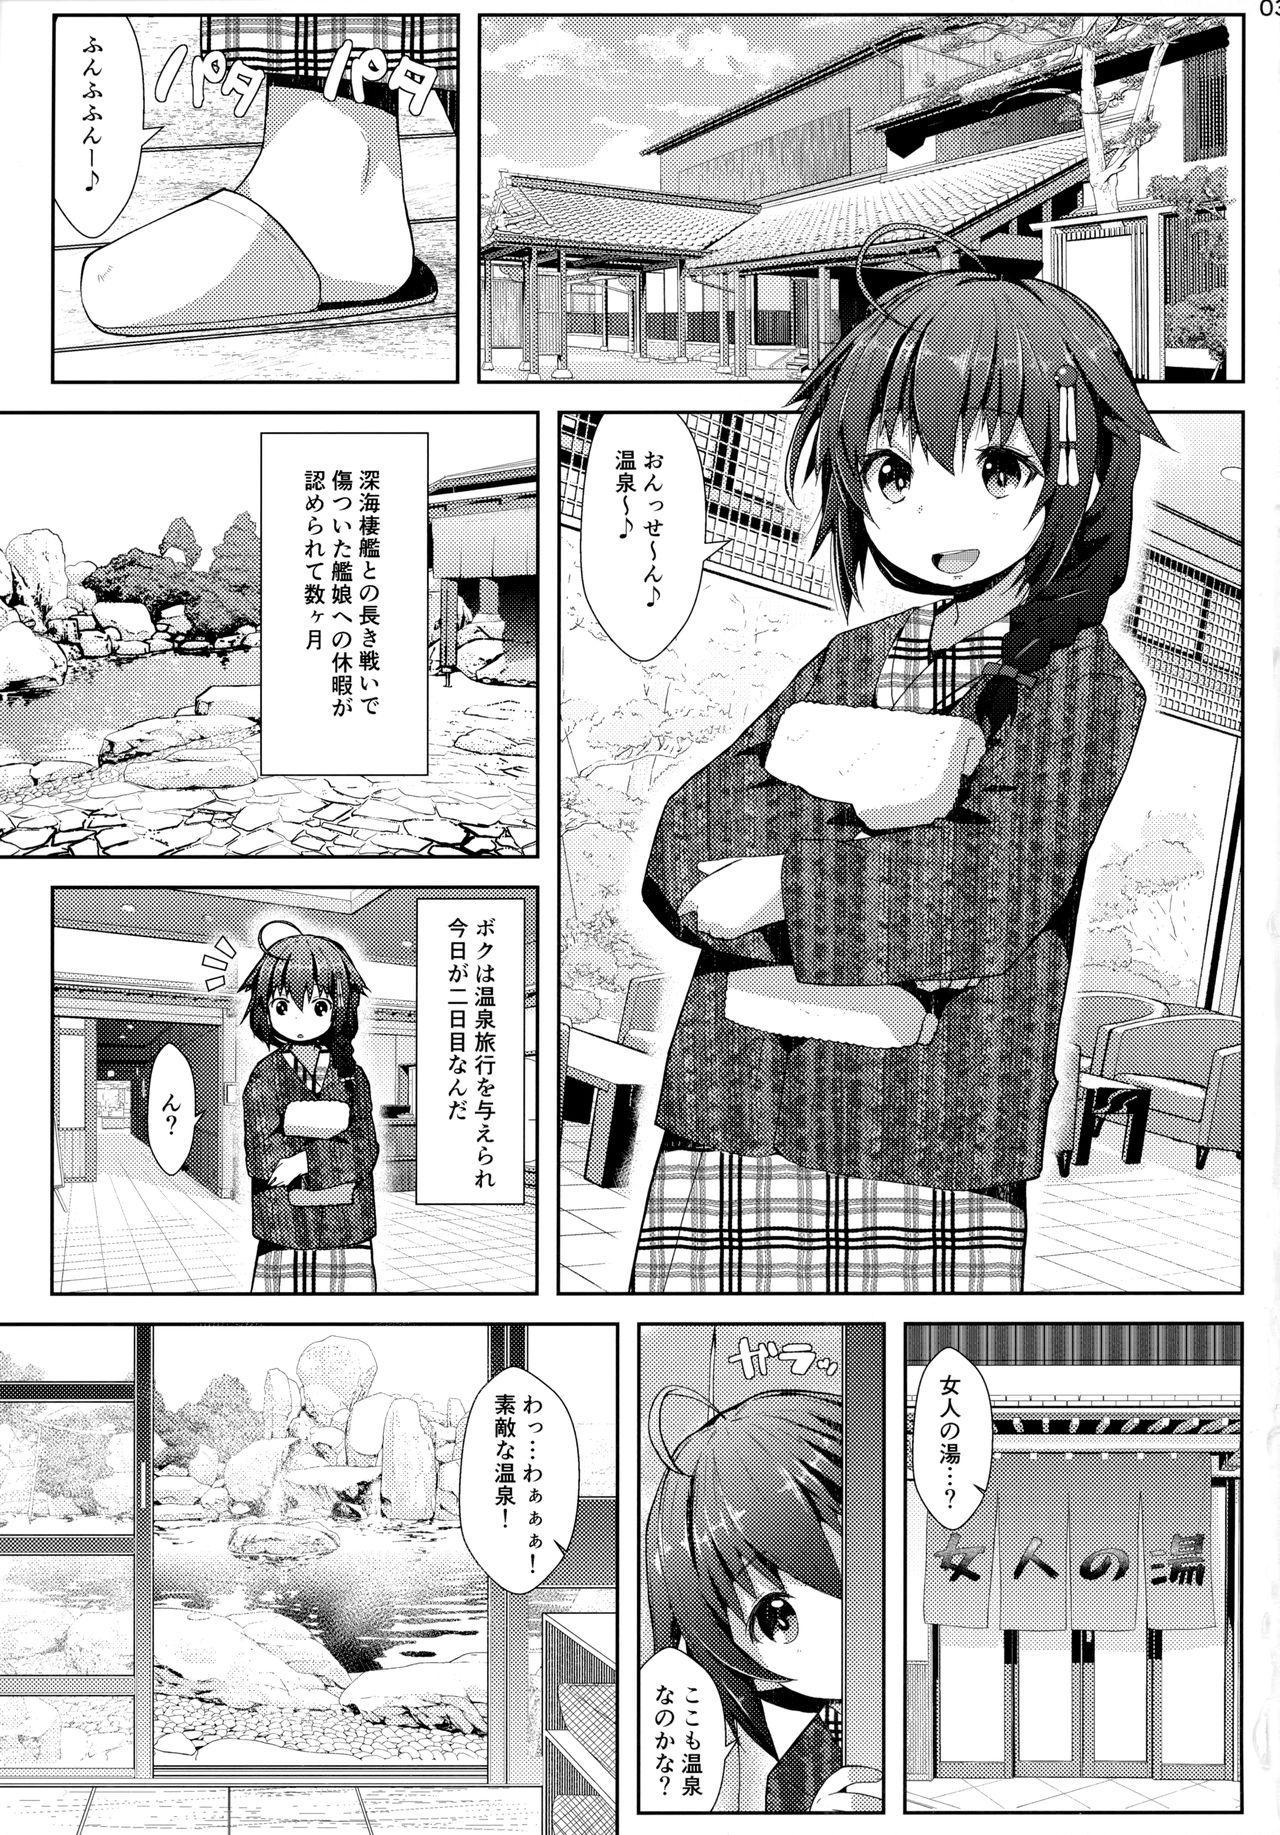 Yukemuri Onsen Ryokou Ninmu 1